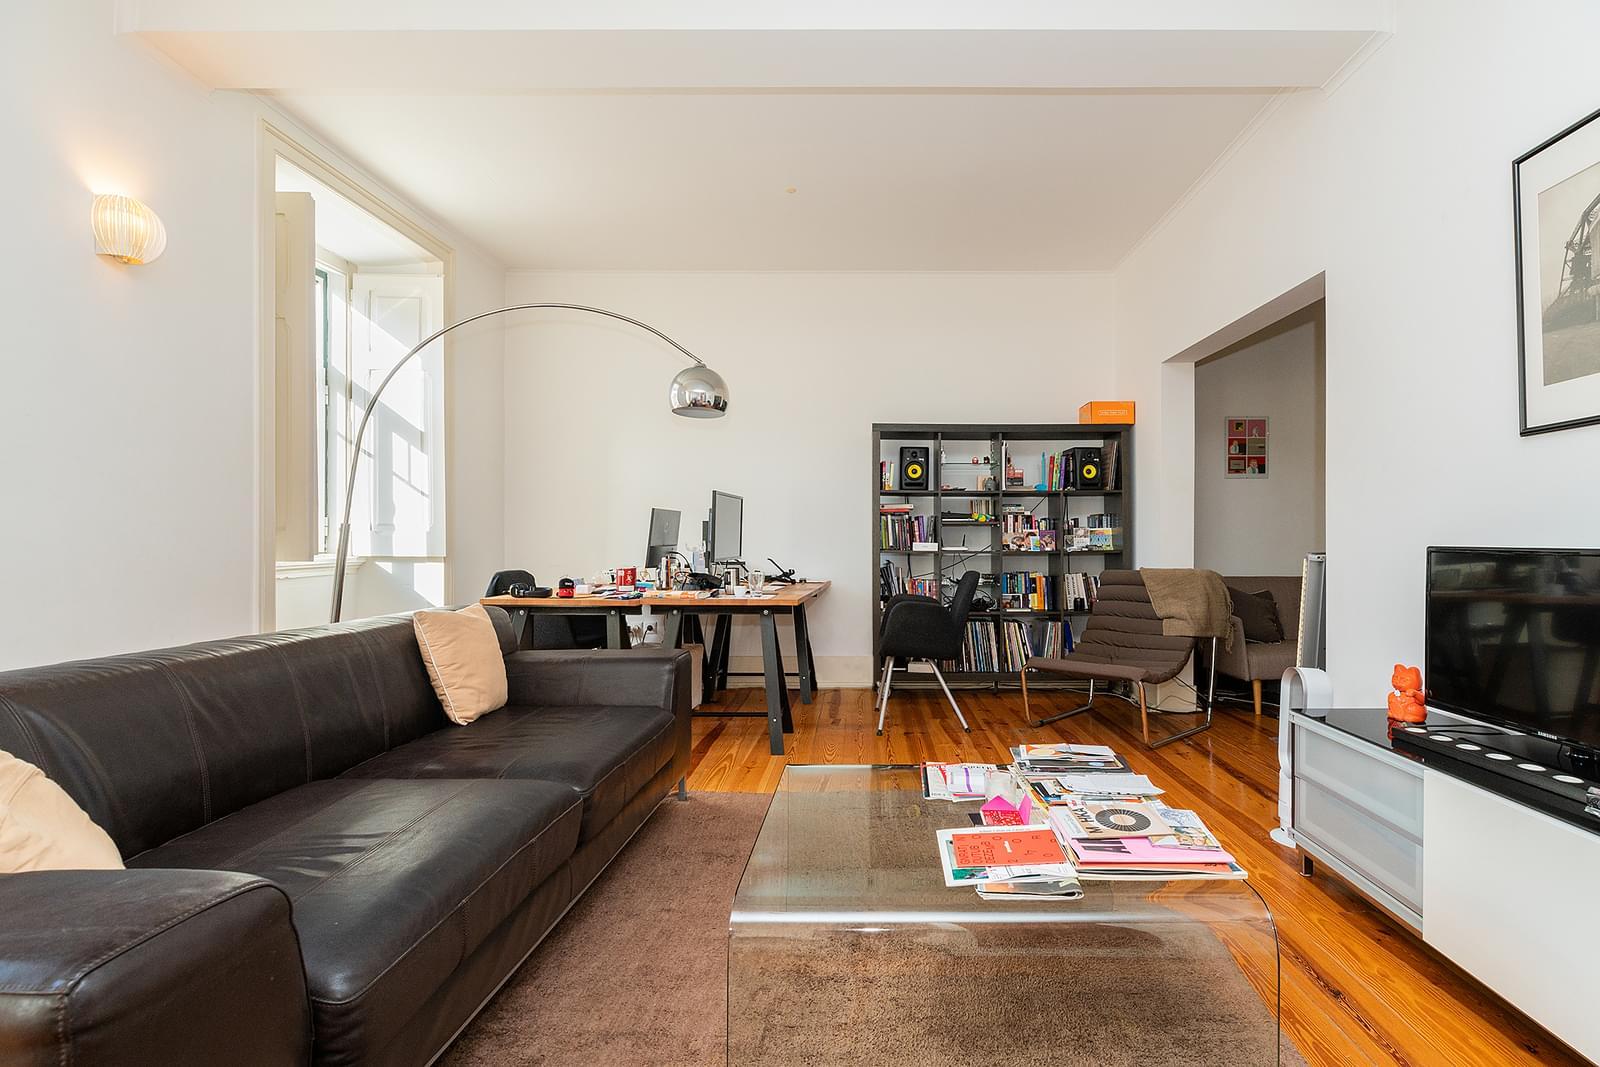 pf18211-apartamento-t2-1-lisboa-4d6b30eb-cd3b-4444-af03-451b6226e4dd